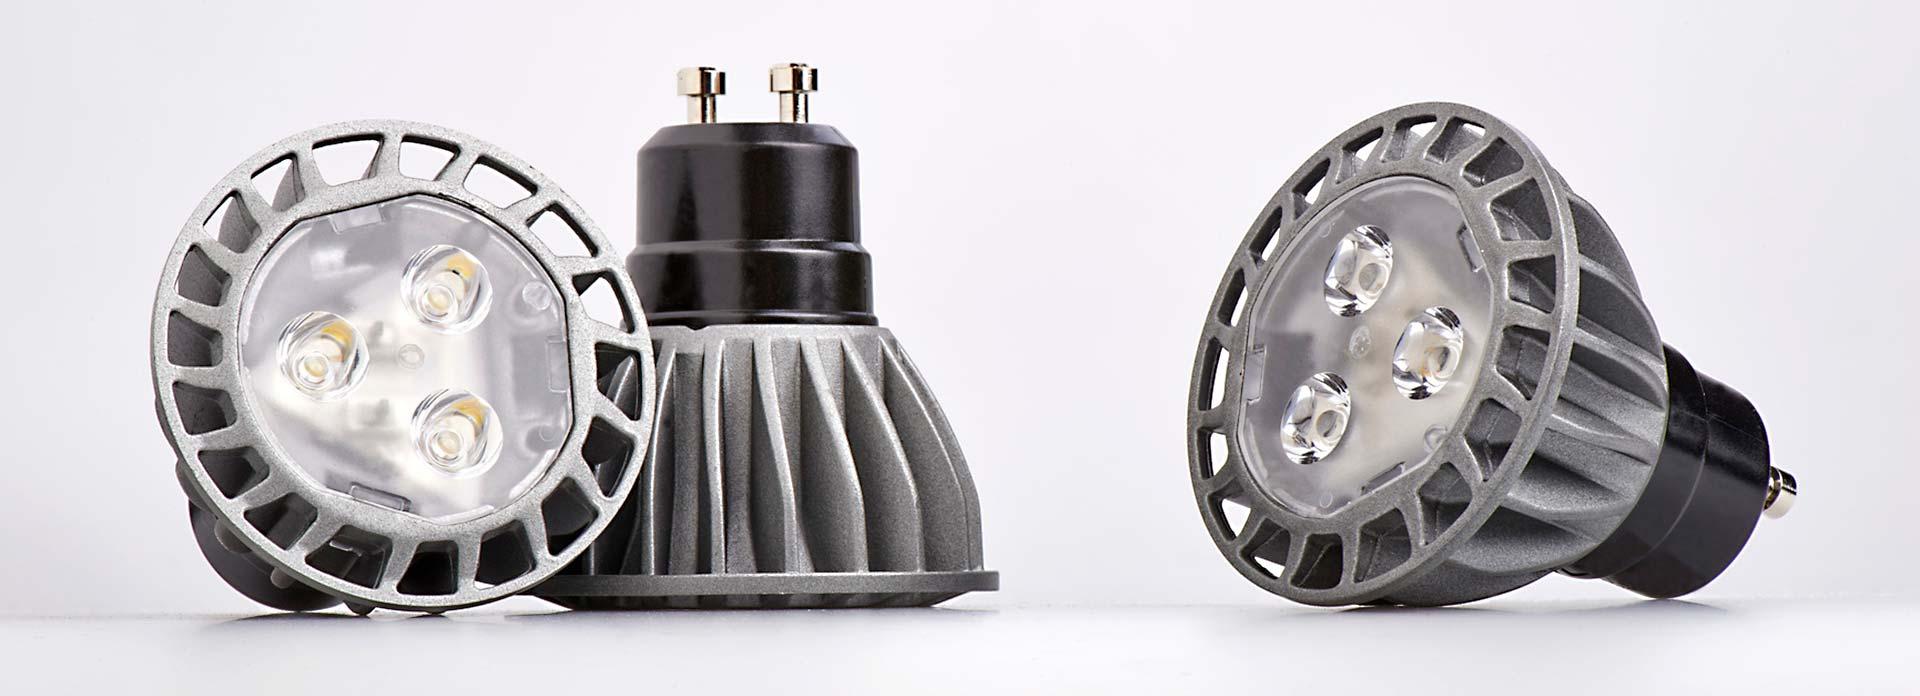 LED-es Csarnokvilágítás · A Legjobb Áron » Hasenegger